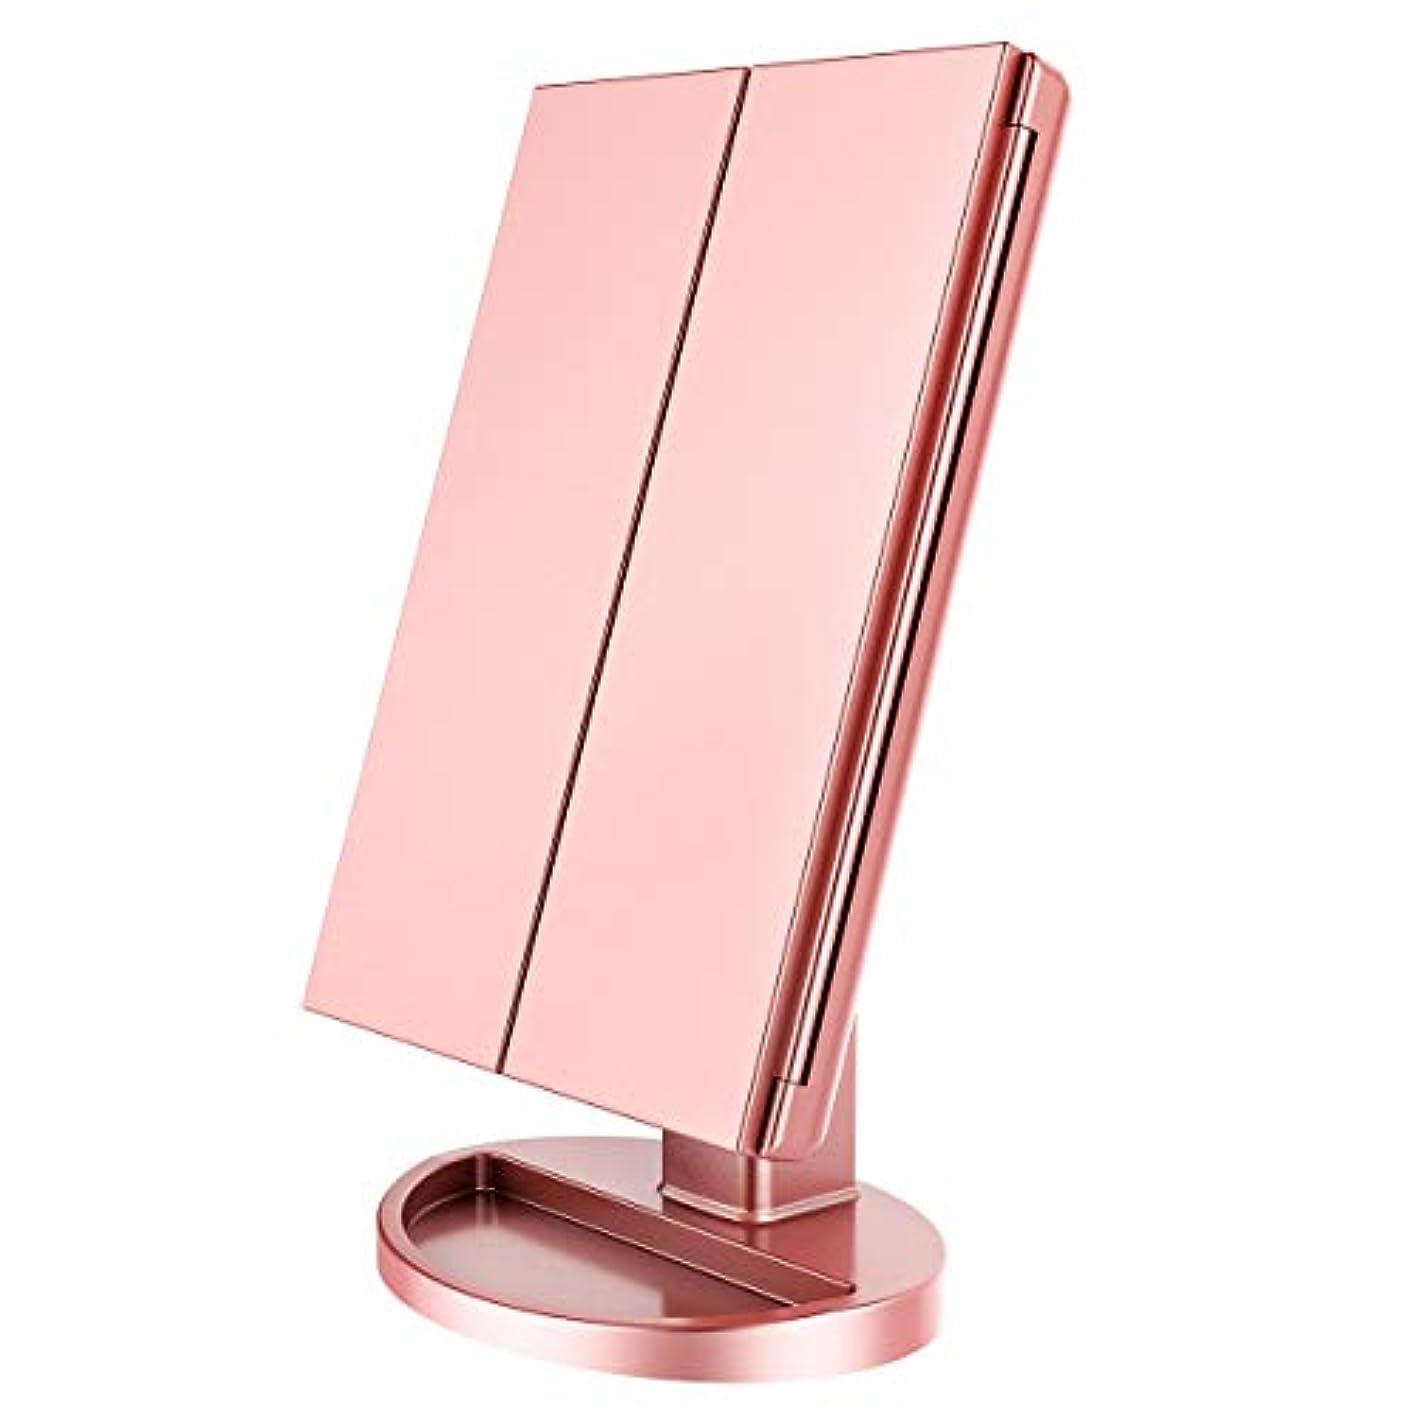 モールス信号有効な知覚できるWEECOC 化粧鏡 LED三面鏡 化粧ミラー 鏡 女優ミラー led付き 明るさ調節可能 折りたたみ式 180度回転 電池&USB 2WAY給電【10倍拡大鏡付き】 (ピンク)